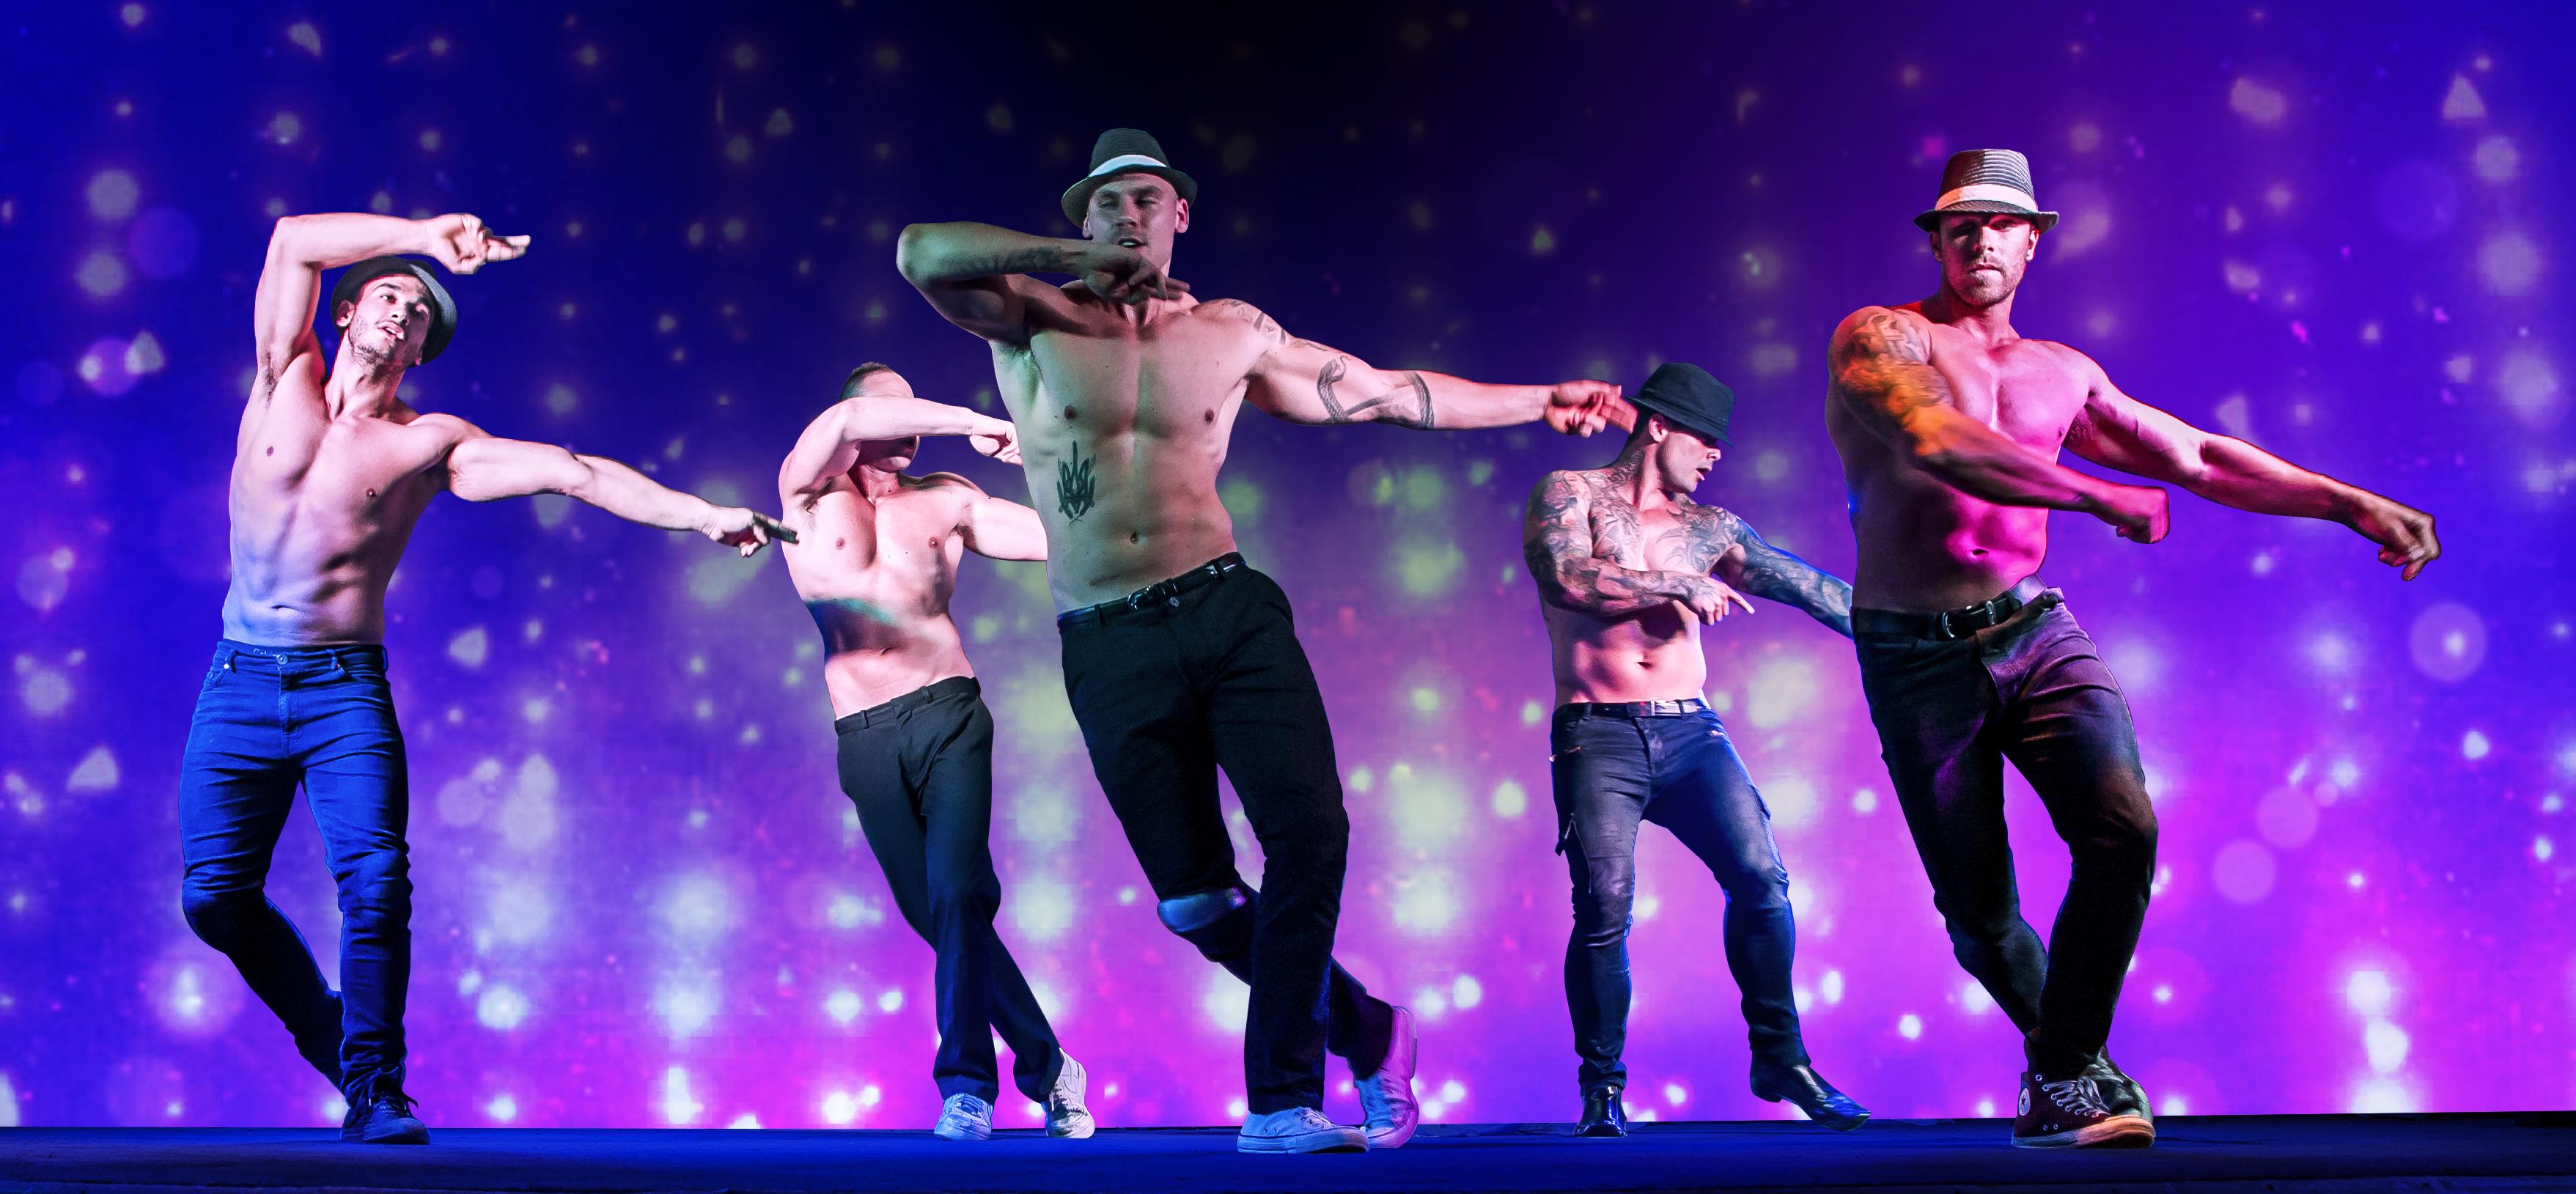 İzleyin: Önümüzdeki Hafta Brezilya'da Yapılacak Büyük Konserin Ateşli Dansçıları